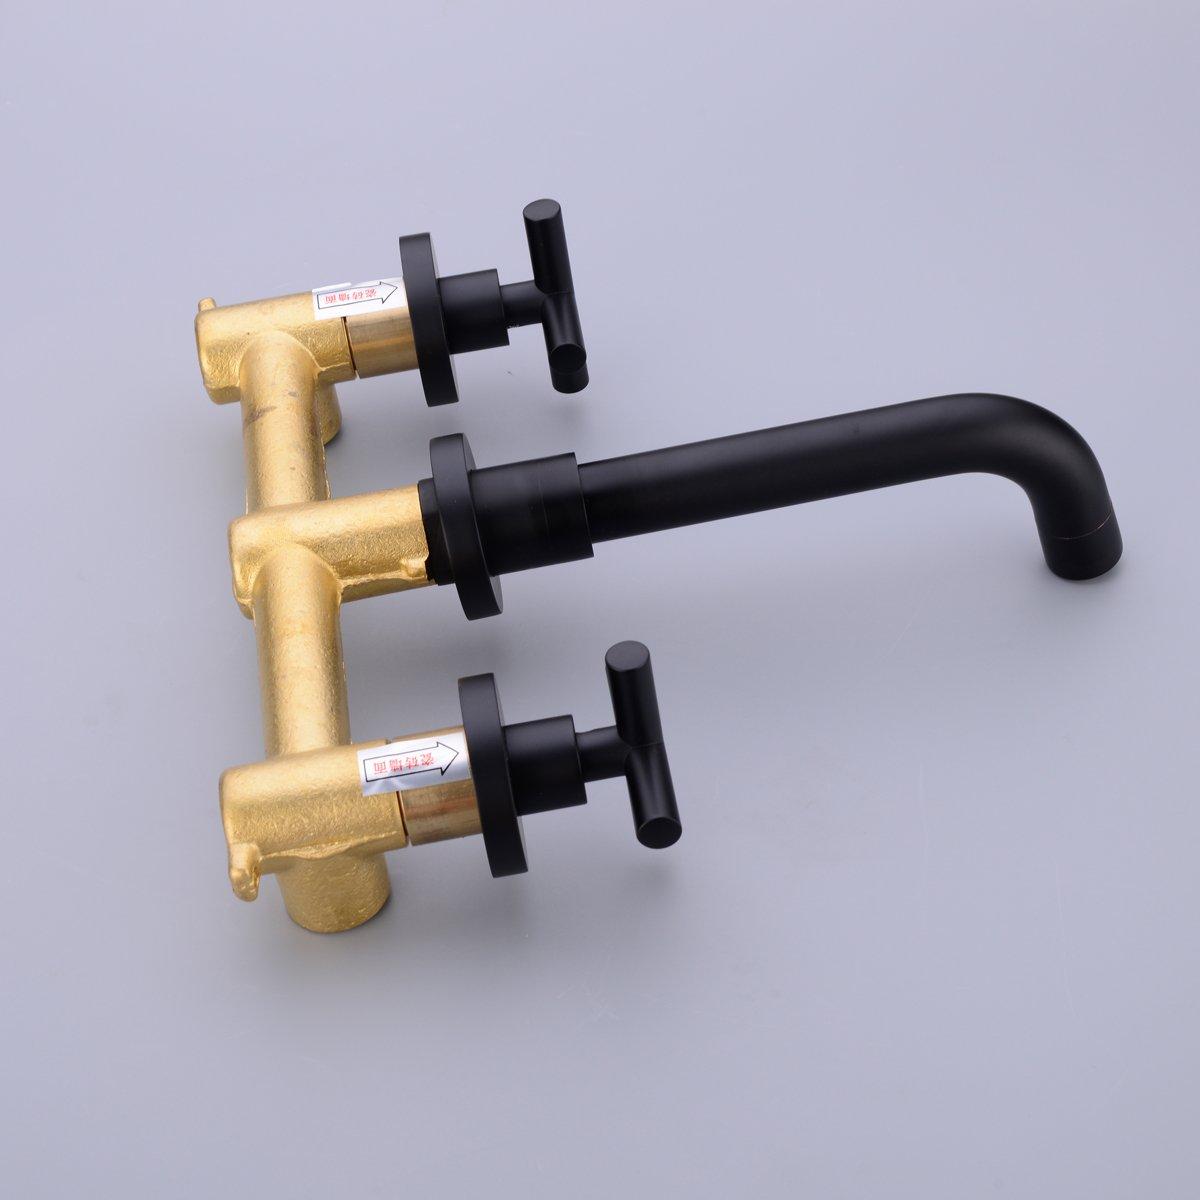 grifos de lavabo con disipador caliente y fr/ío empotrados de 2 manijas montados en la pared TRUSTMI Grifo para lavabo de lat/ón negro mate